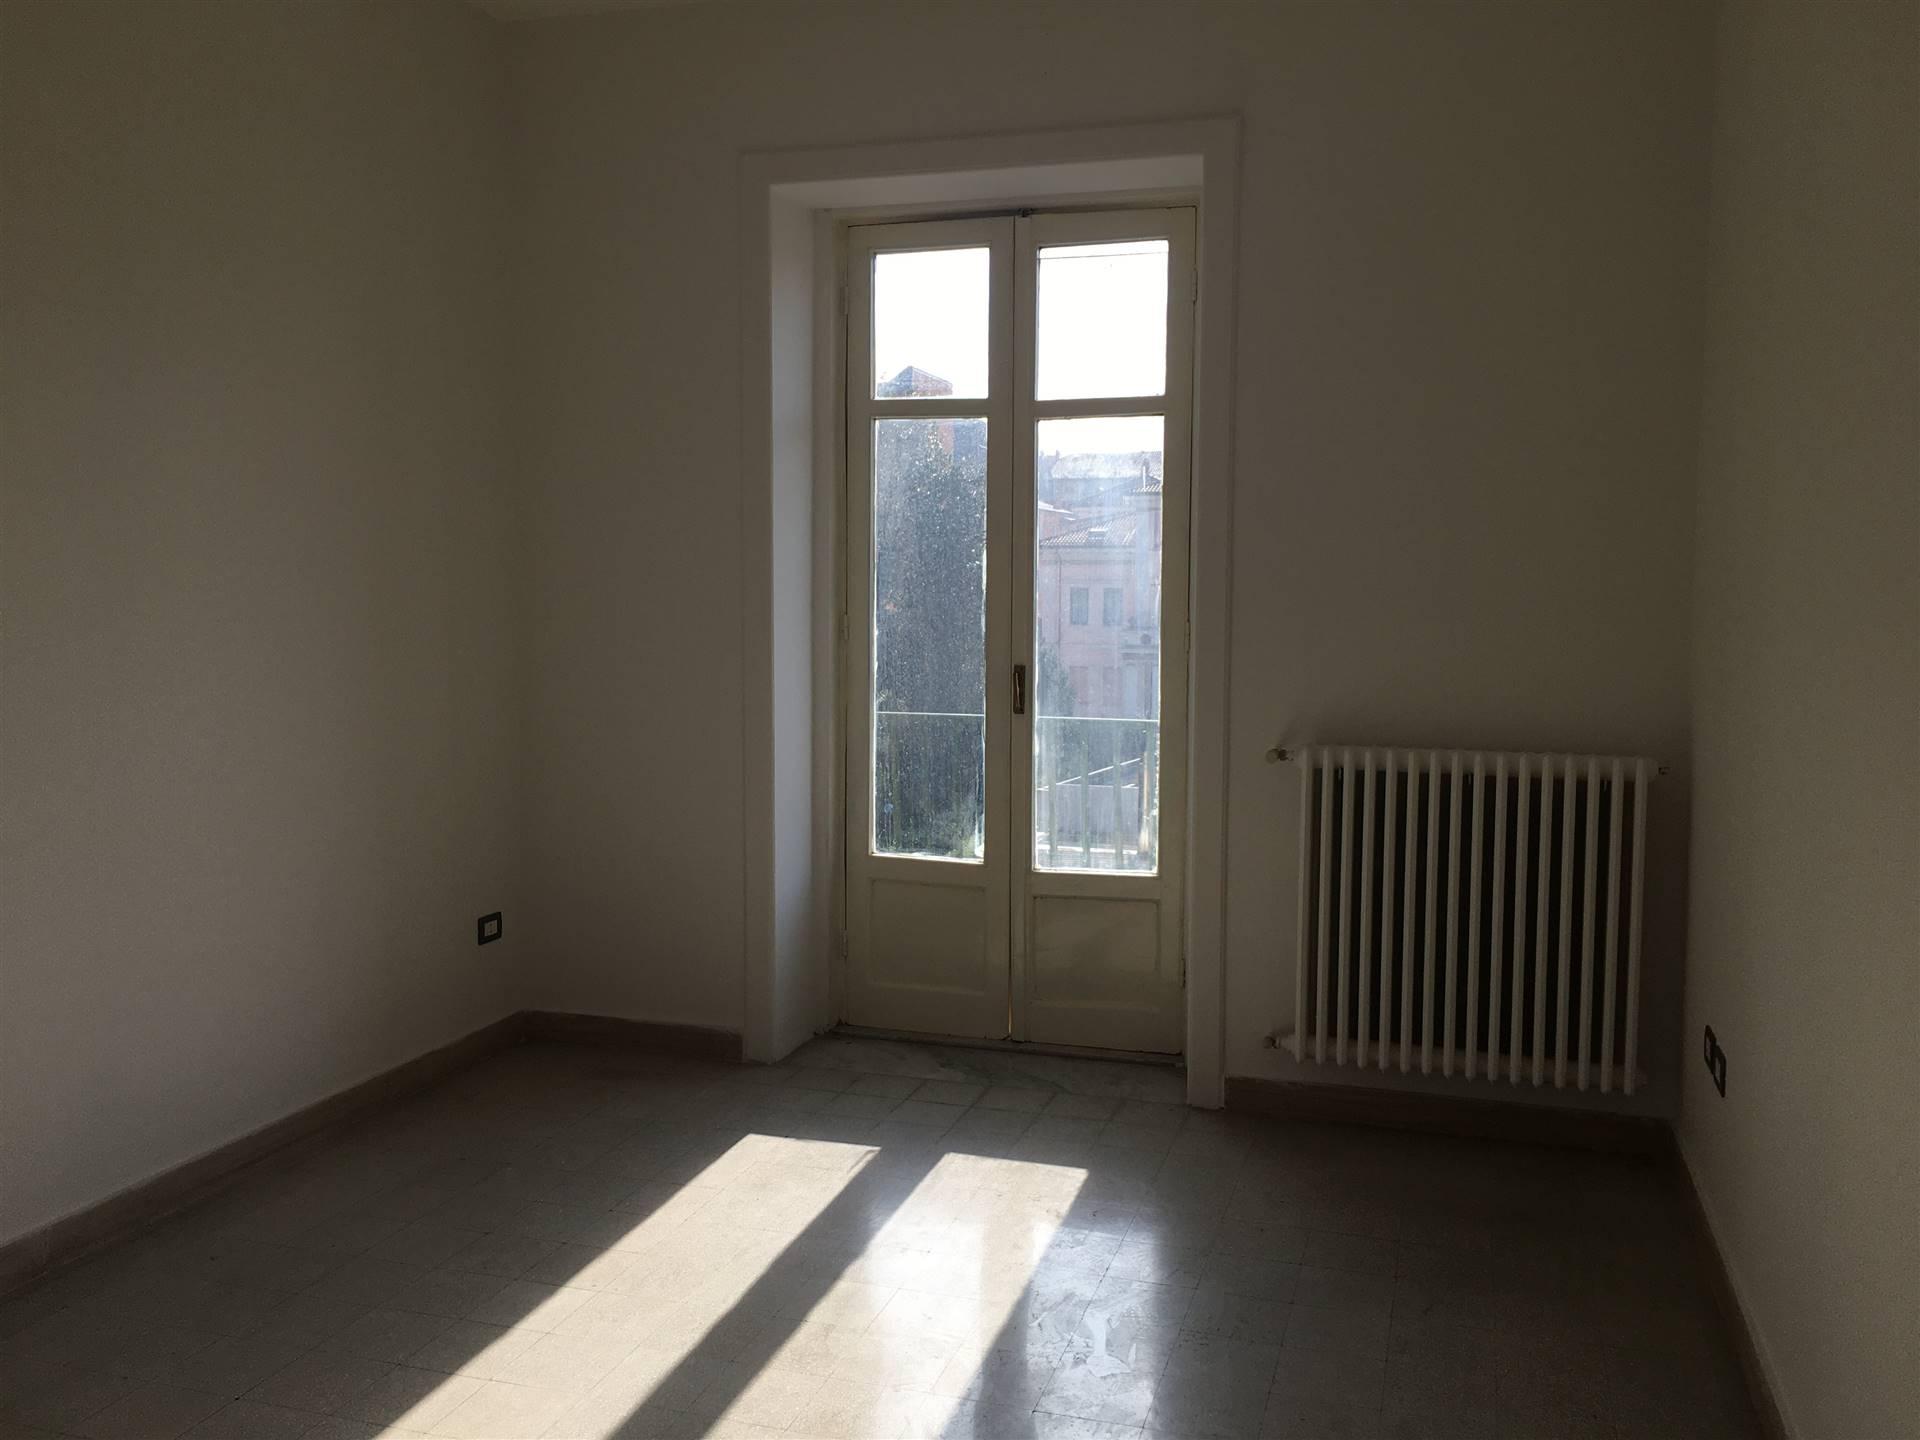 Appartamento in affitto a Avellino, 4 locali, zona Zona: Centro, prezzo € 550 | CambioCasa.it